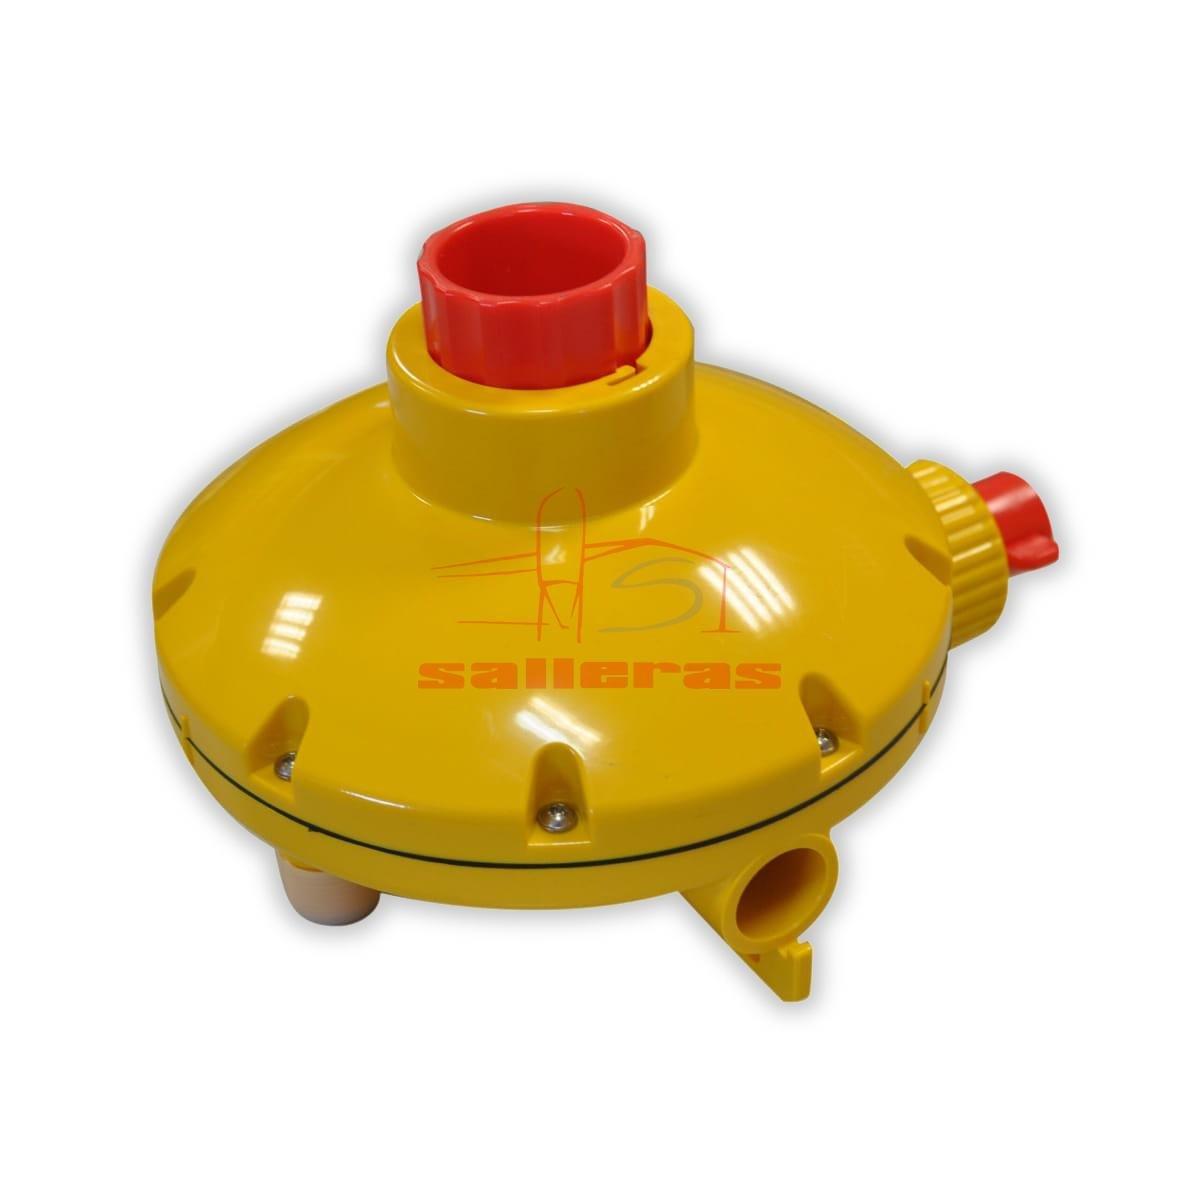 Regulador de presion de caudal amarillo marca lubing